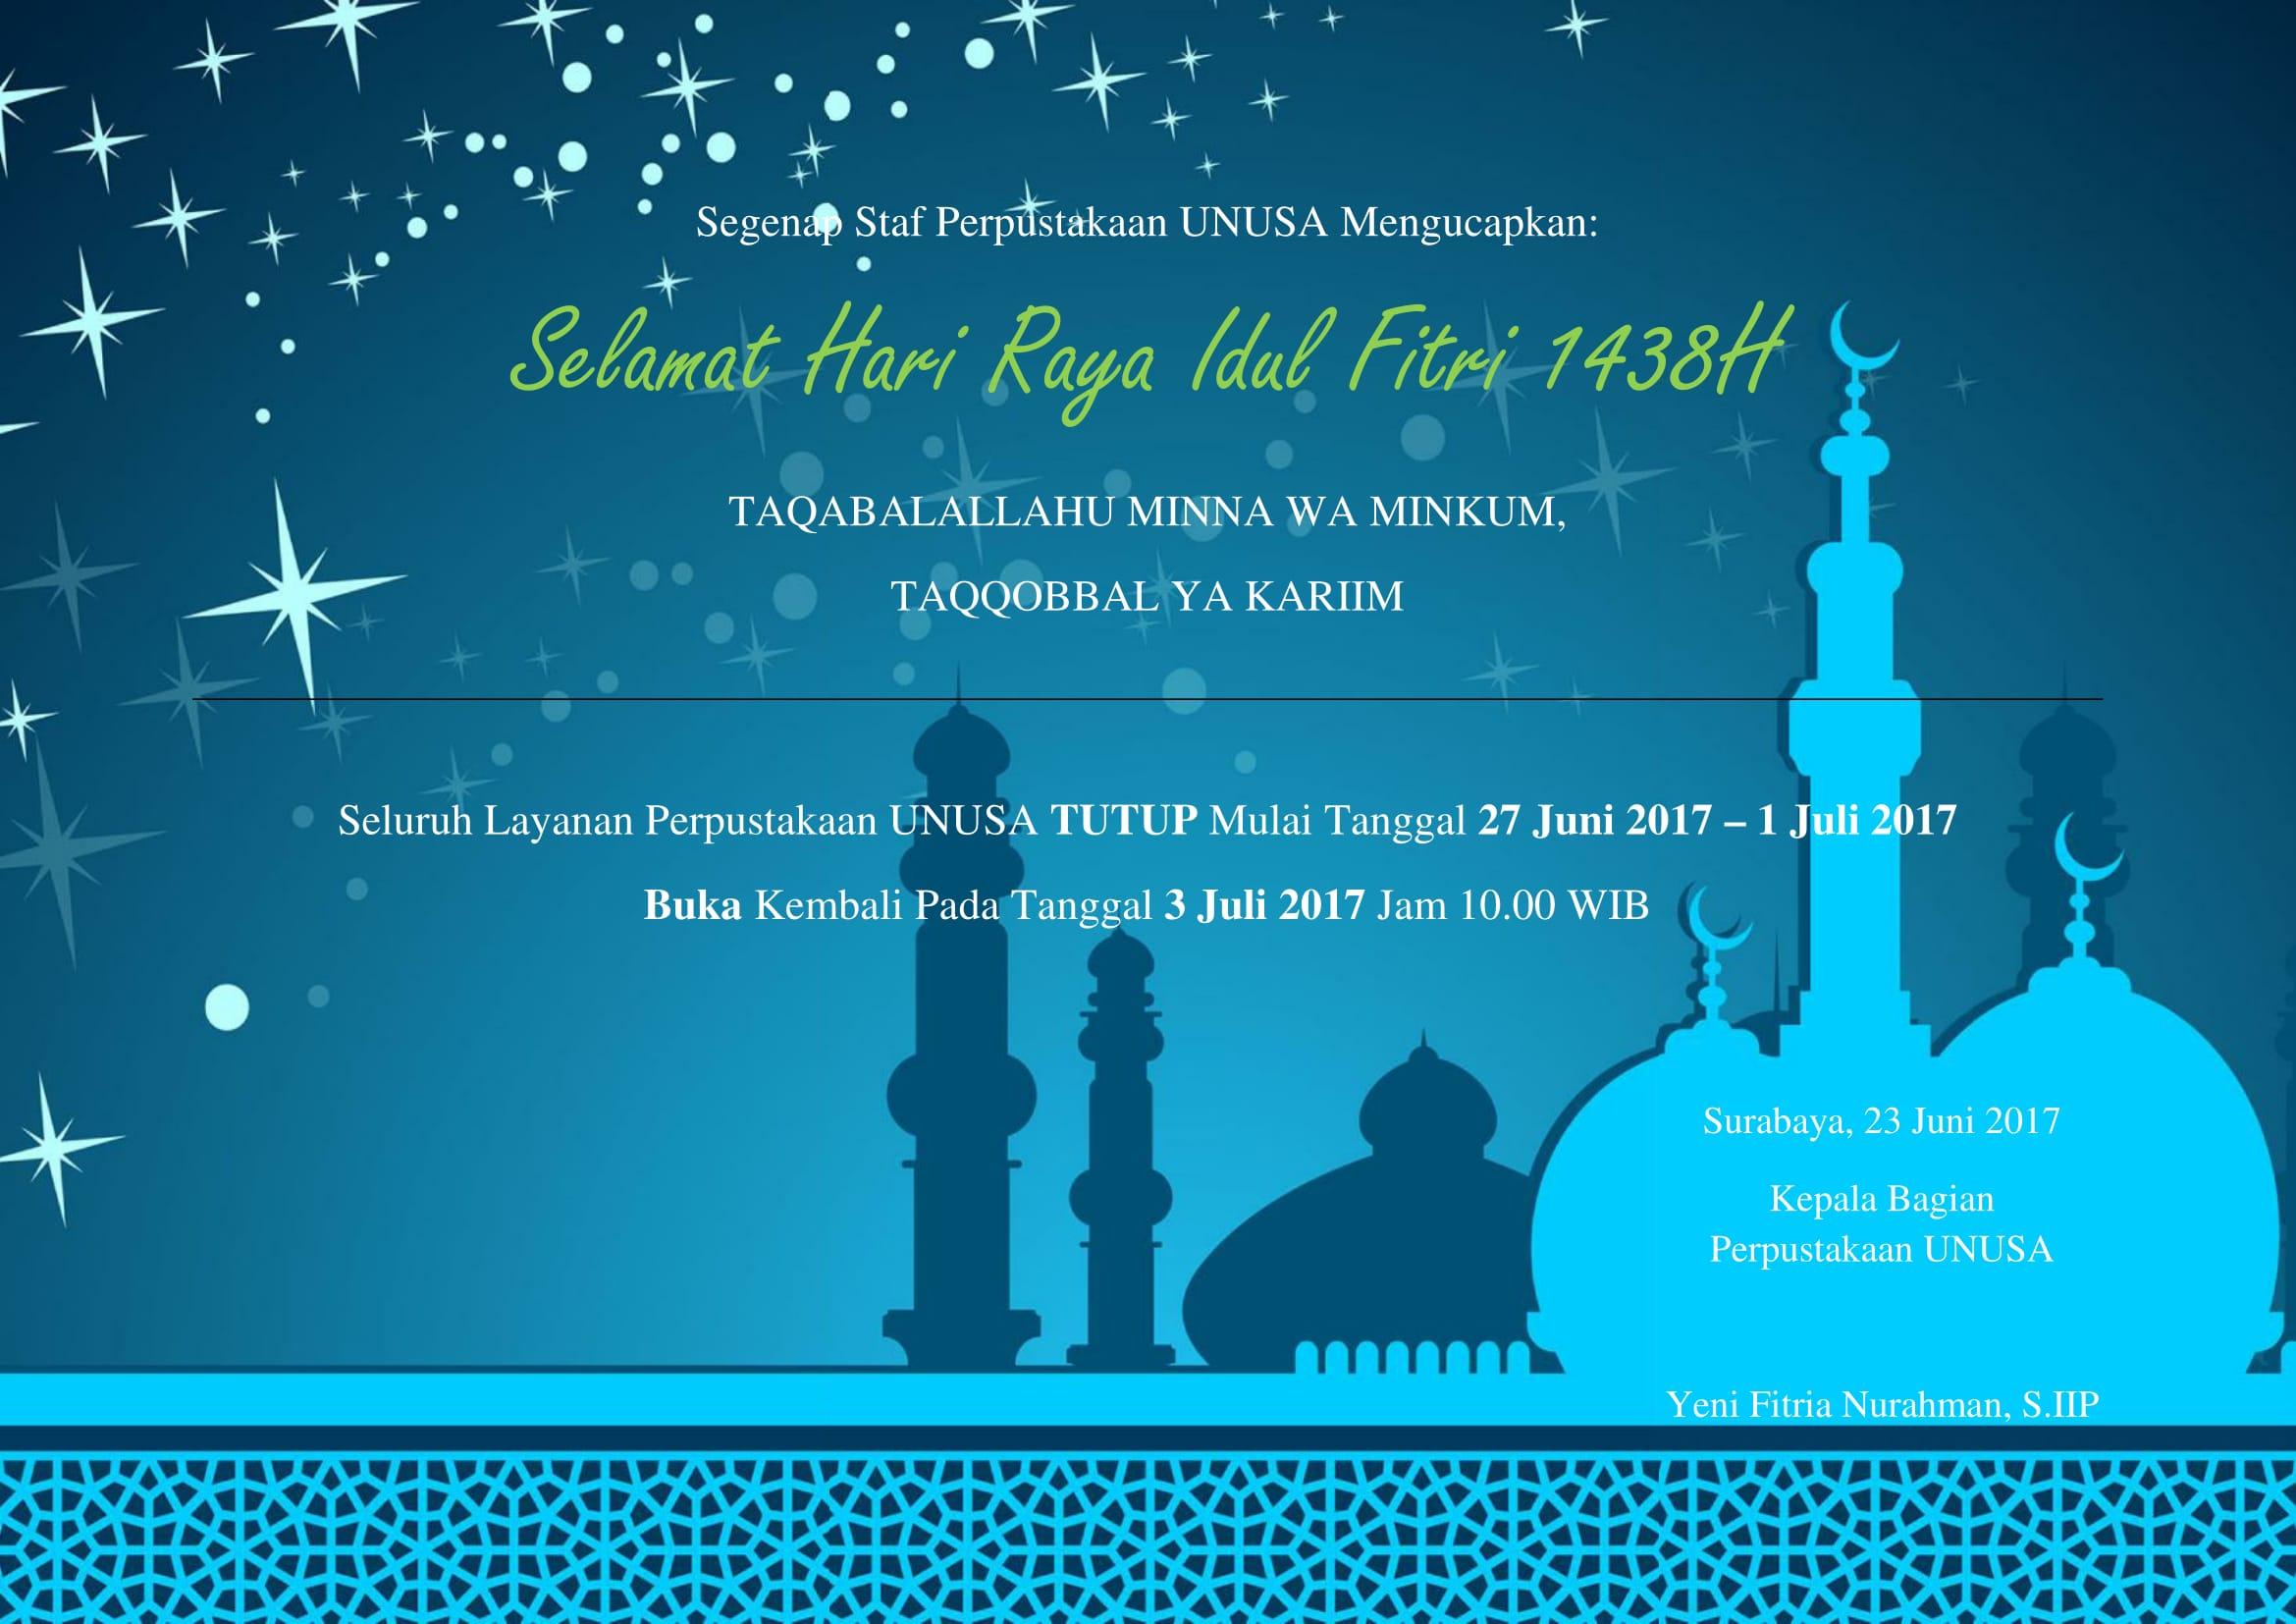 Ucapan Selamat Hari Raya Idul Fitri 1438 H Perpustakaan Universitas Nahdlatul Ulama Surabaya